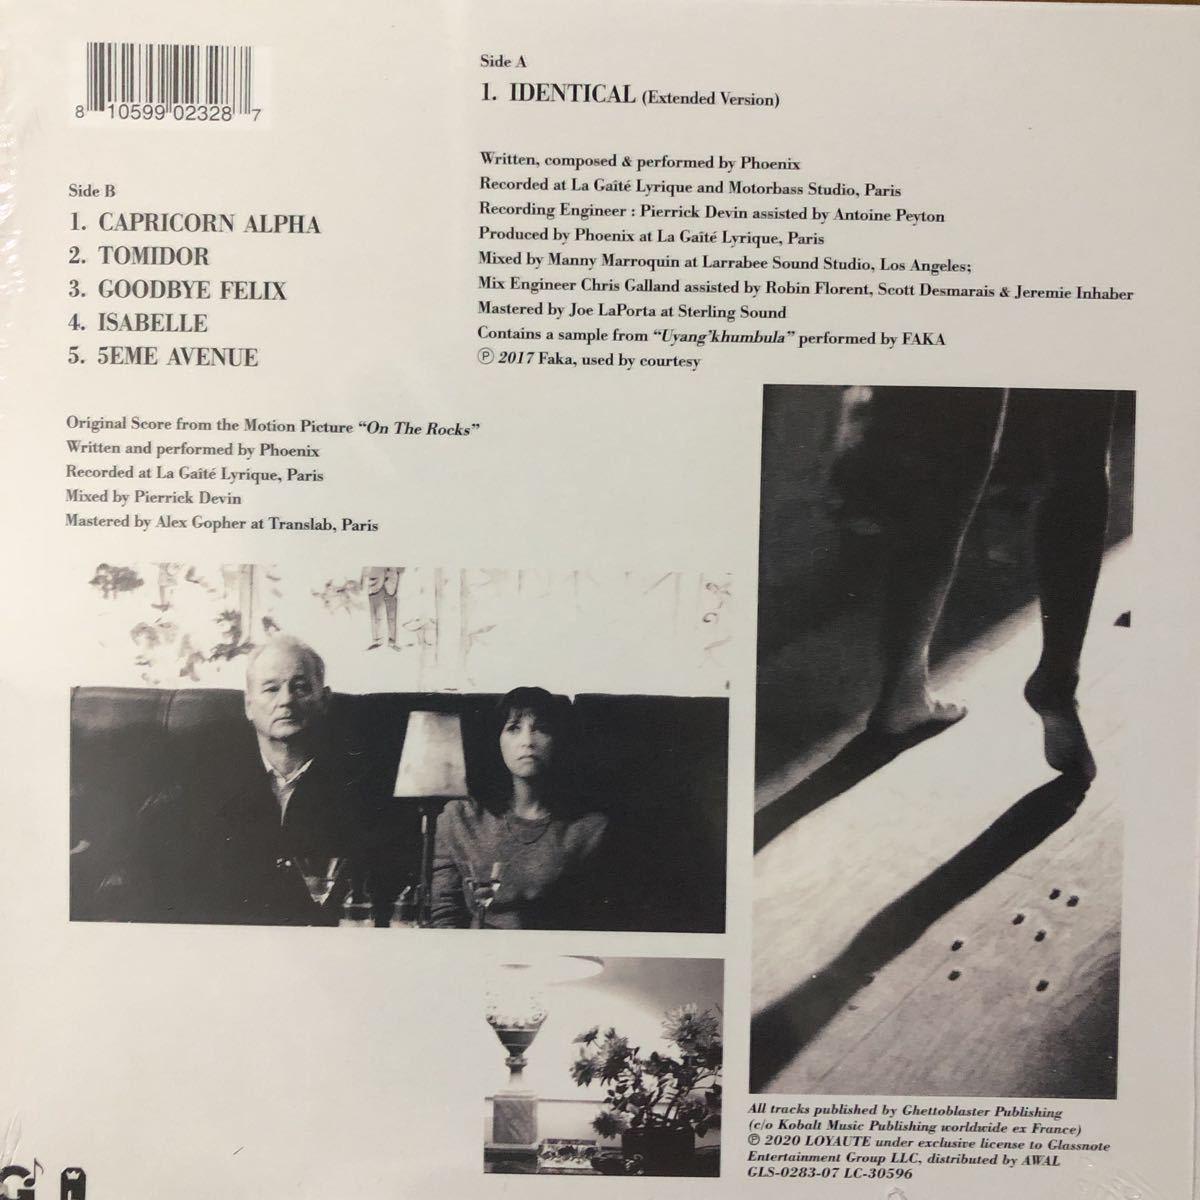 【新品 未聴品】Phoenix / identical 7inch EP ソフィアコッポラ on the rocks two door cinema club kitsune 入手難 希少_画像2